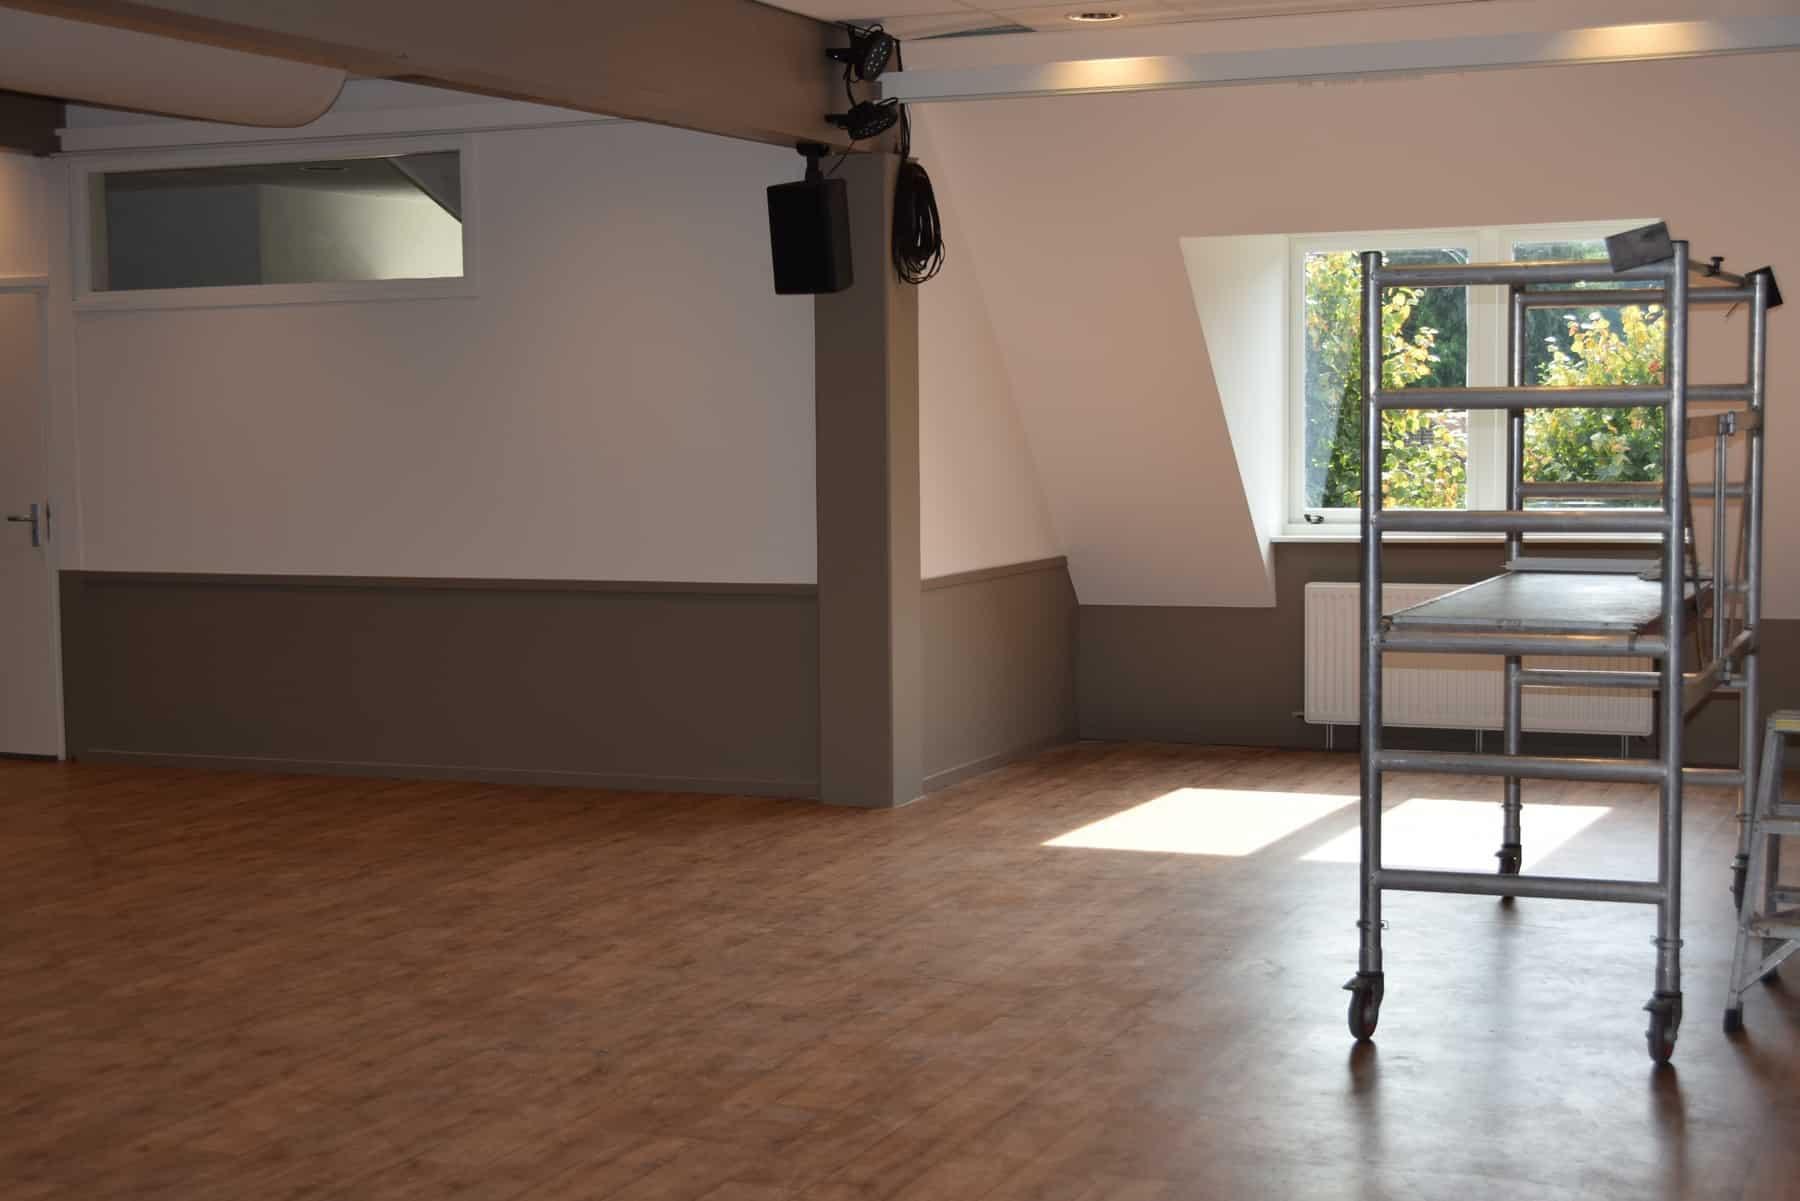 Renovatie Dorpshuis Blaricum - Blaercom